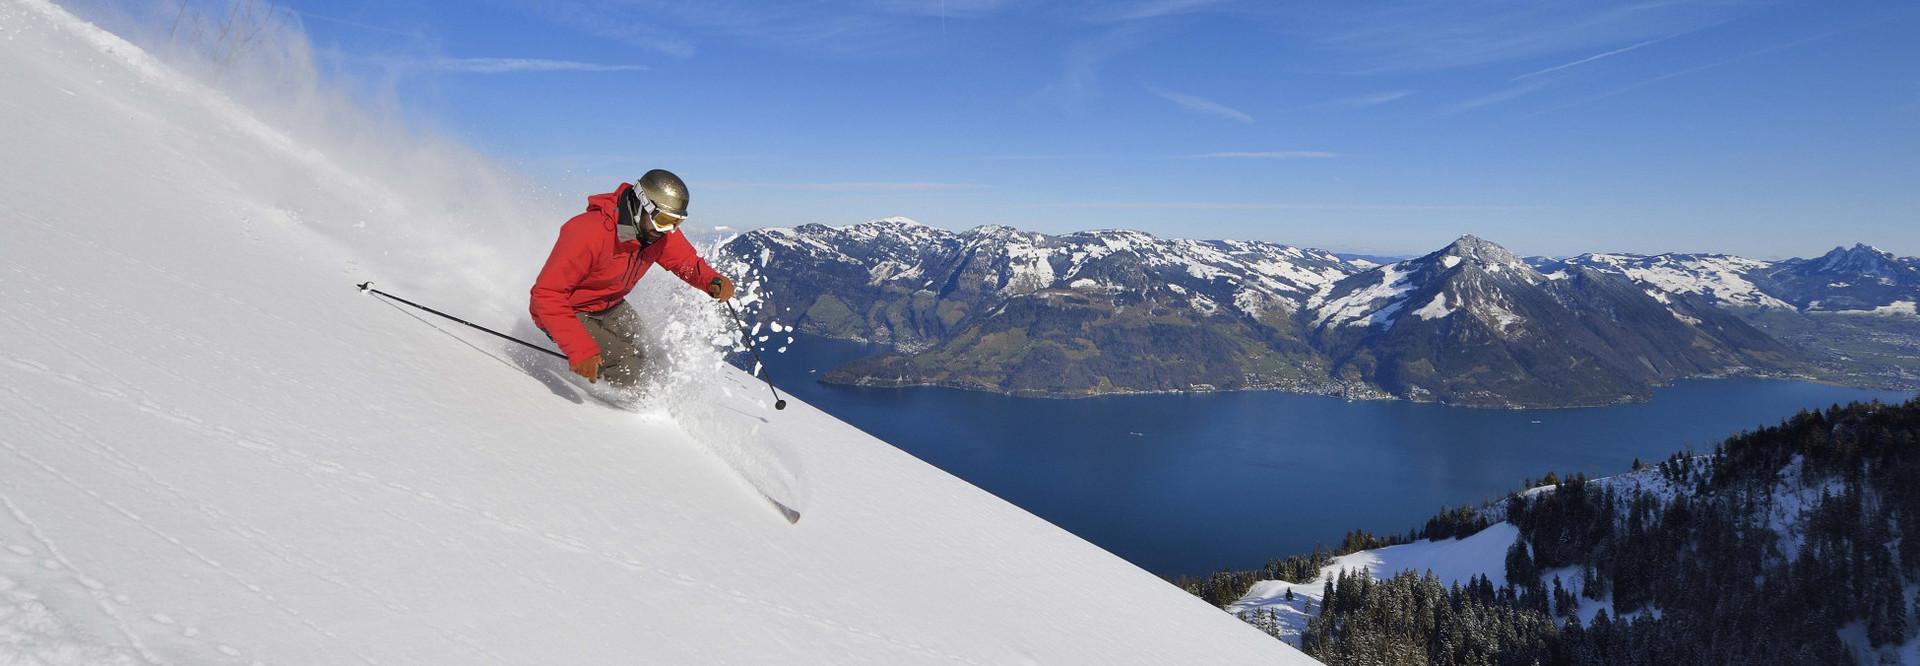 Skifahrer fährt auf der Klewenalp die Piste herunter, im Hintergrund ist der Vierwaldstättersee zu sehen.